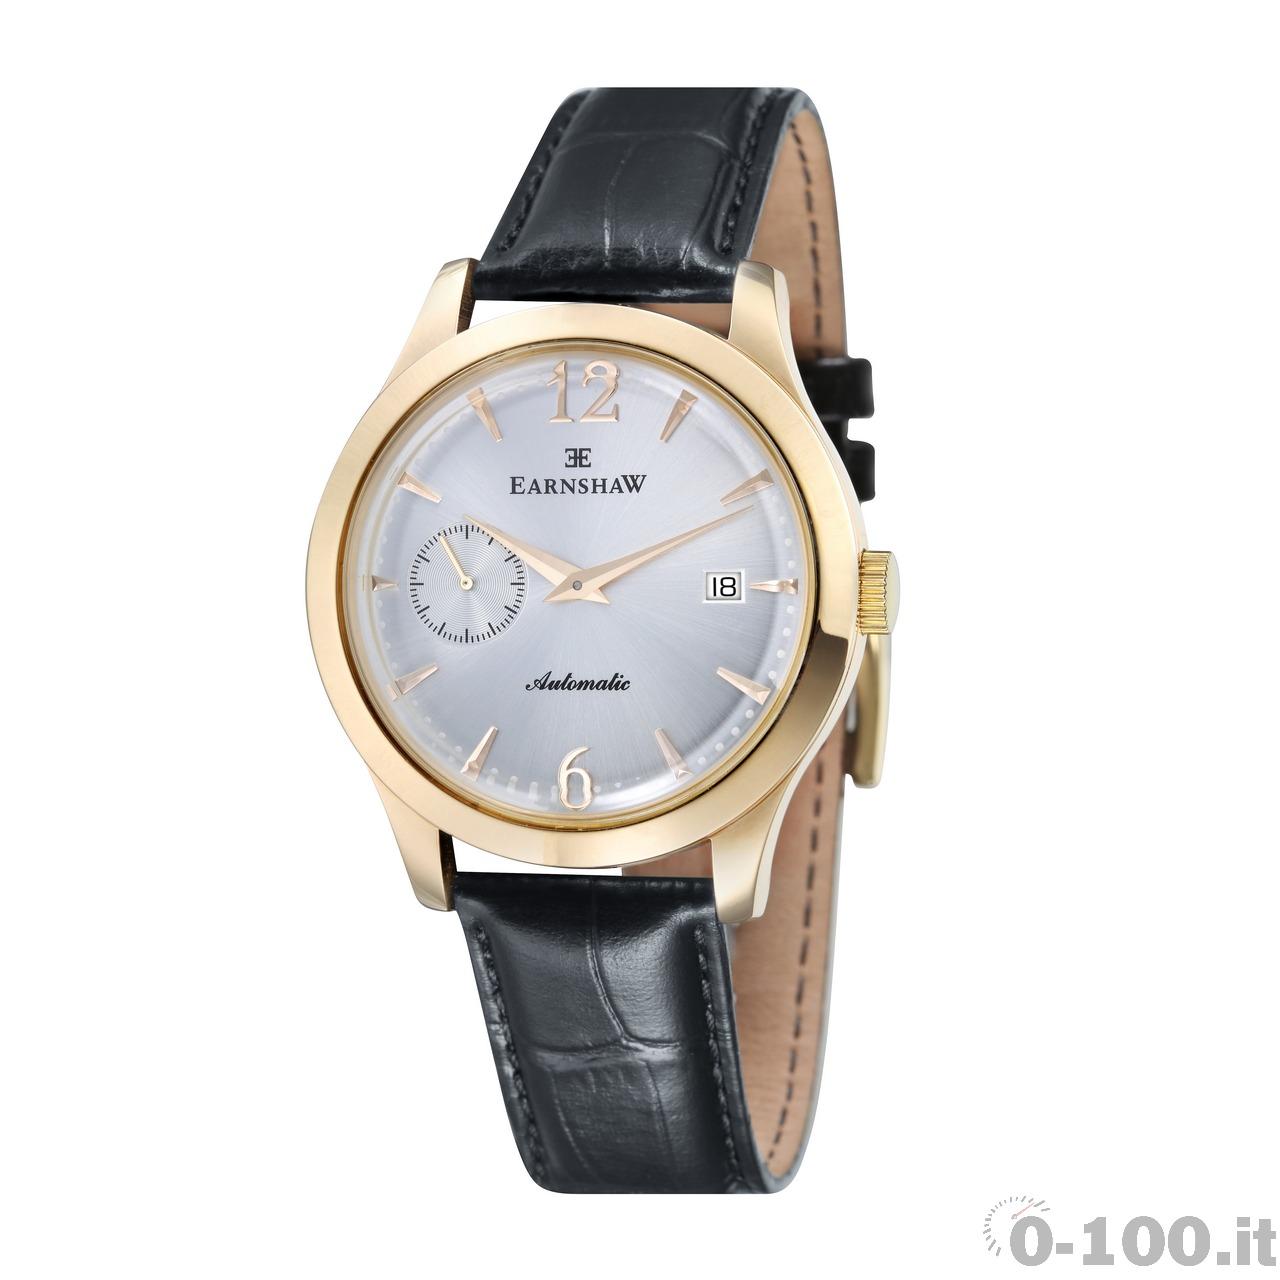 thomas-earnshaw-collezione-plymouth-prezzo-price_0-1002